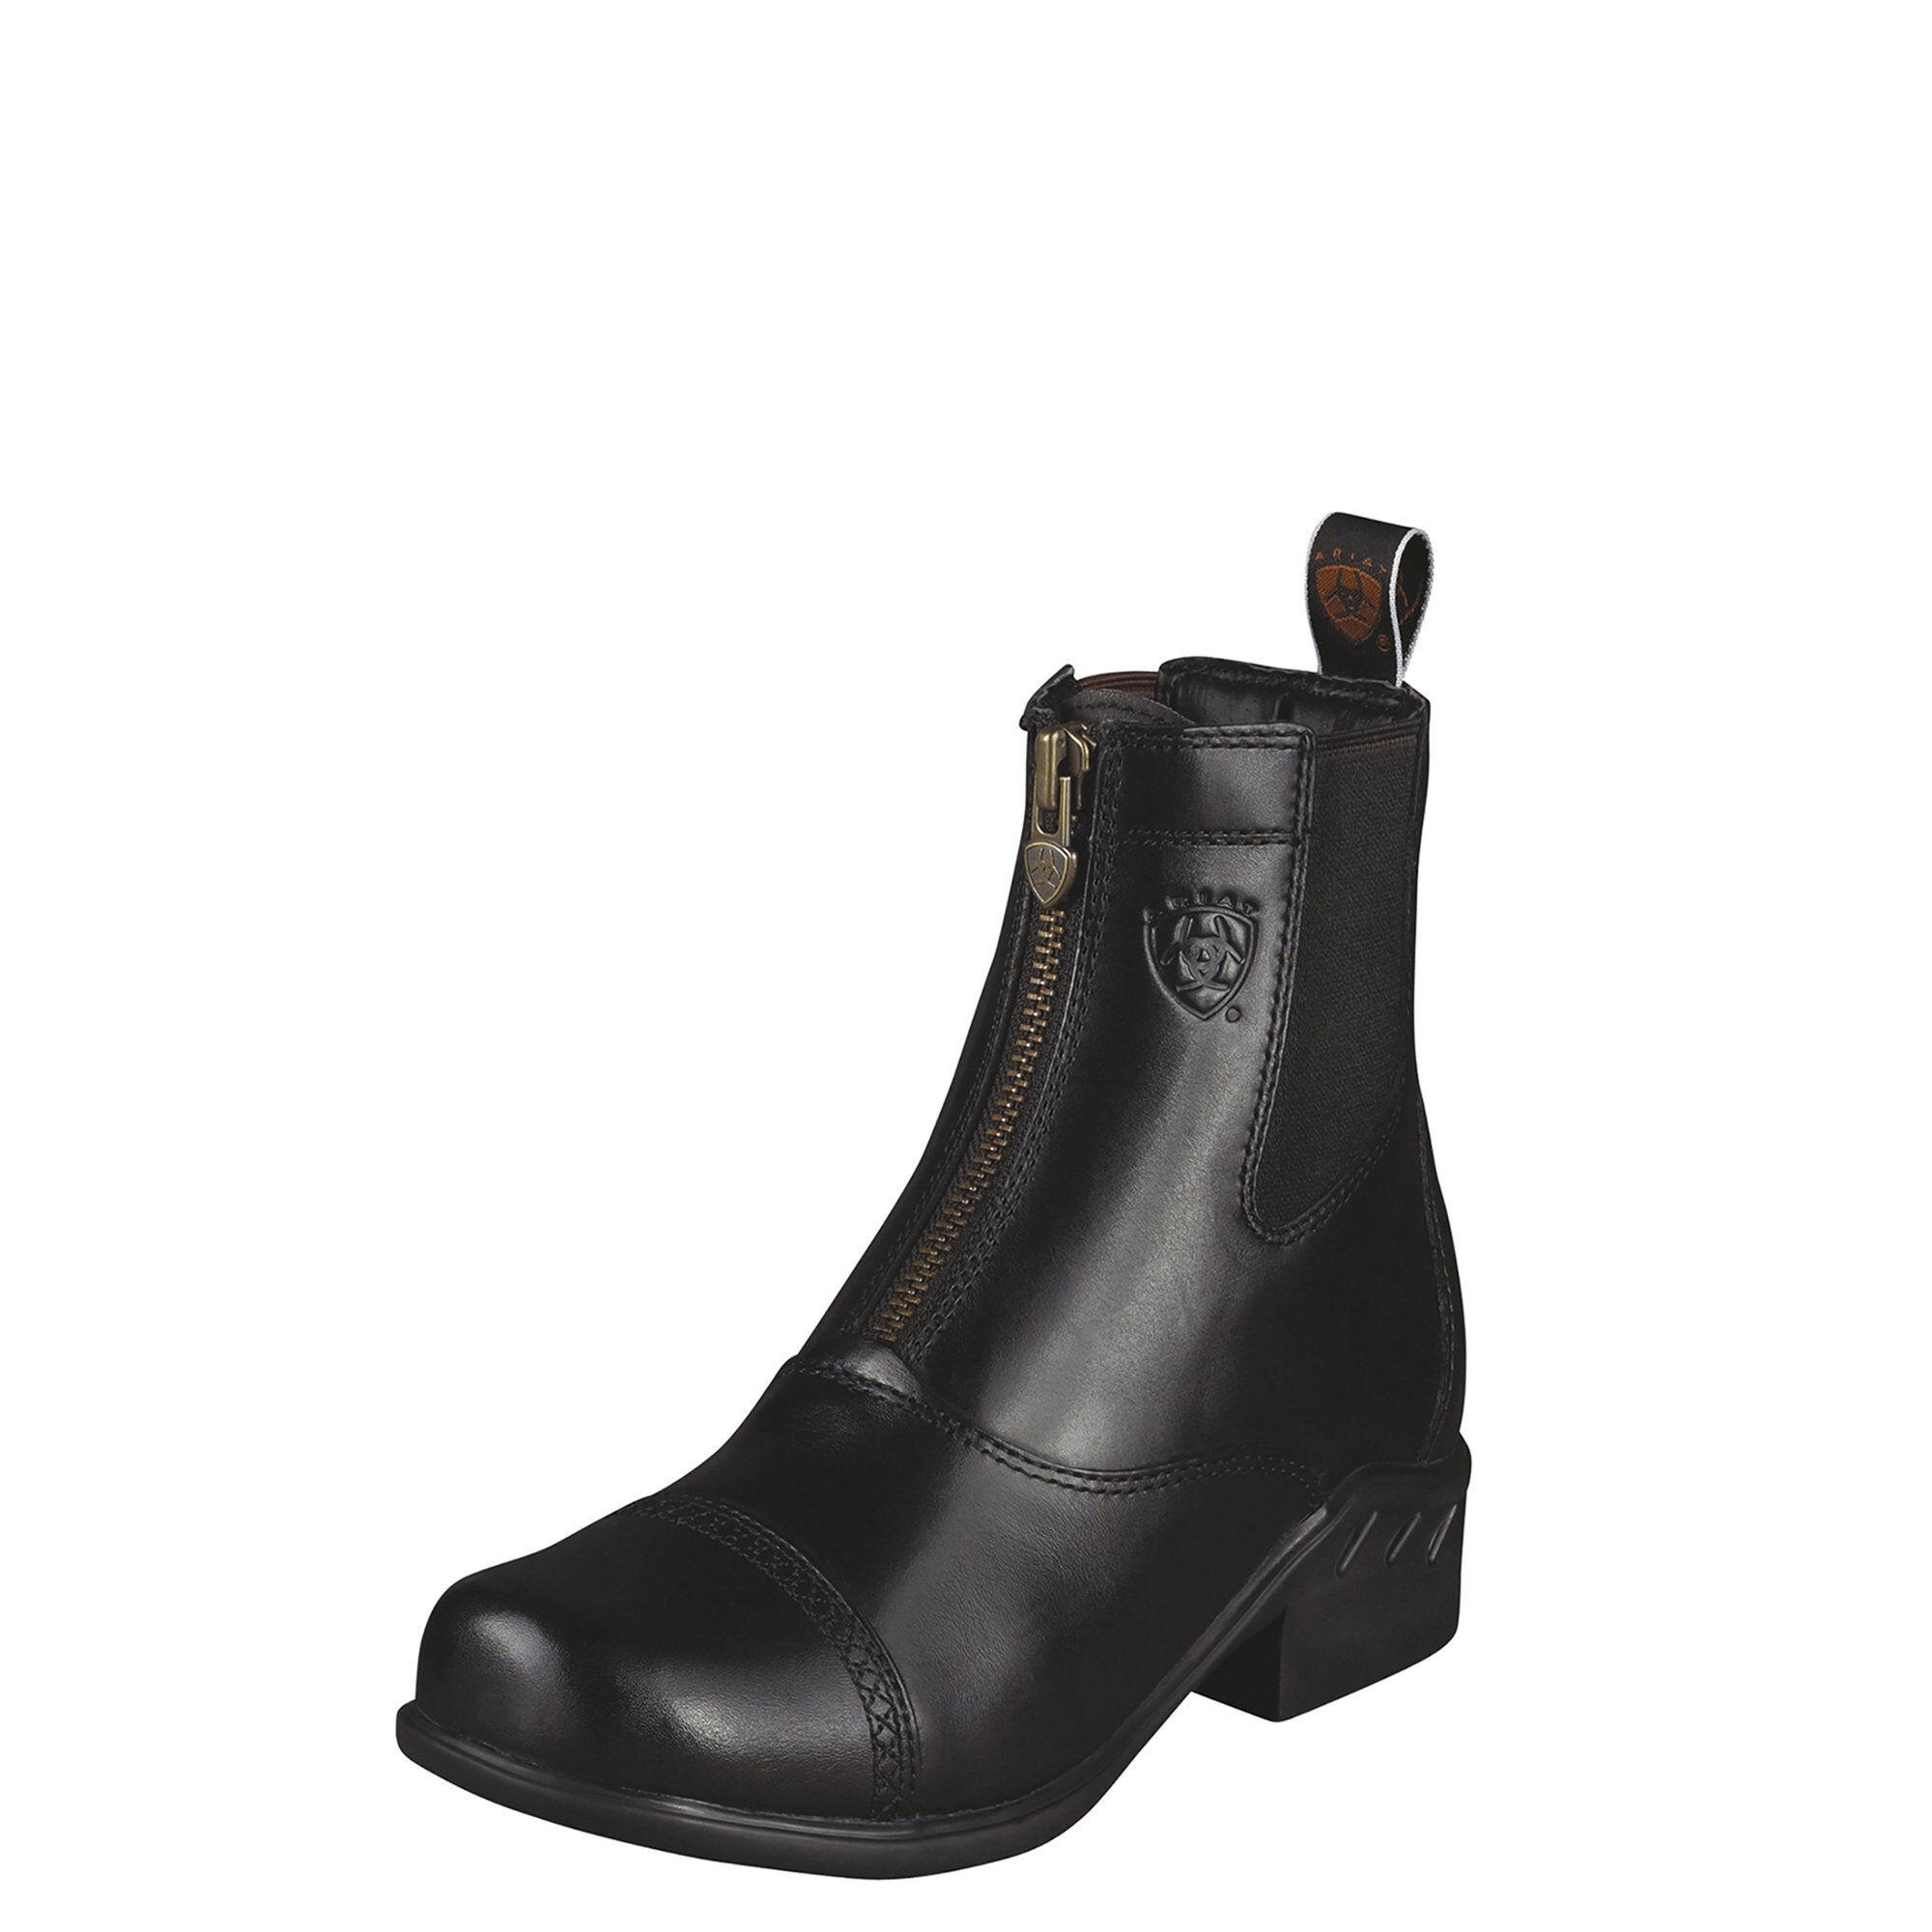 Women's Heritage RT Zip Paddock Paddock Boots in Black by Ariat